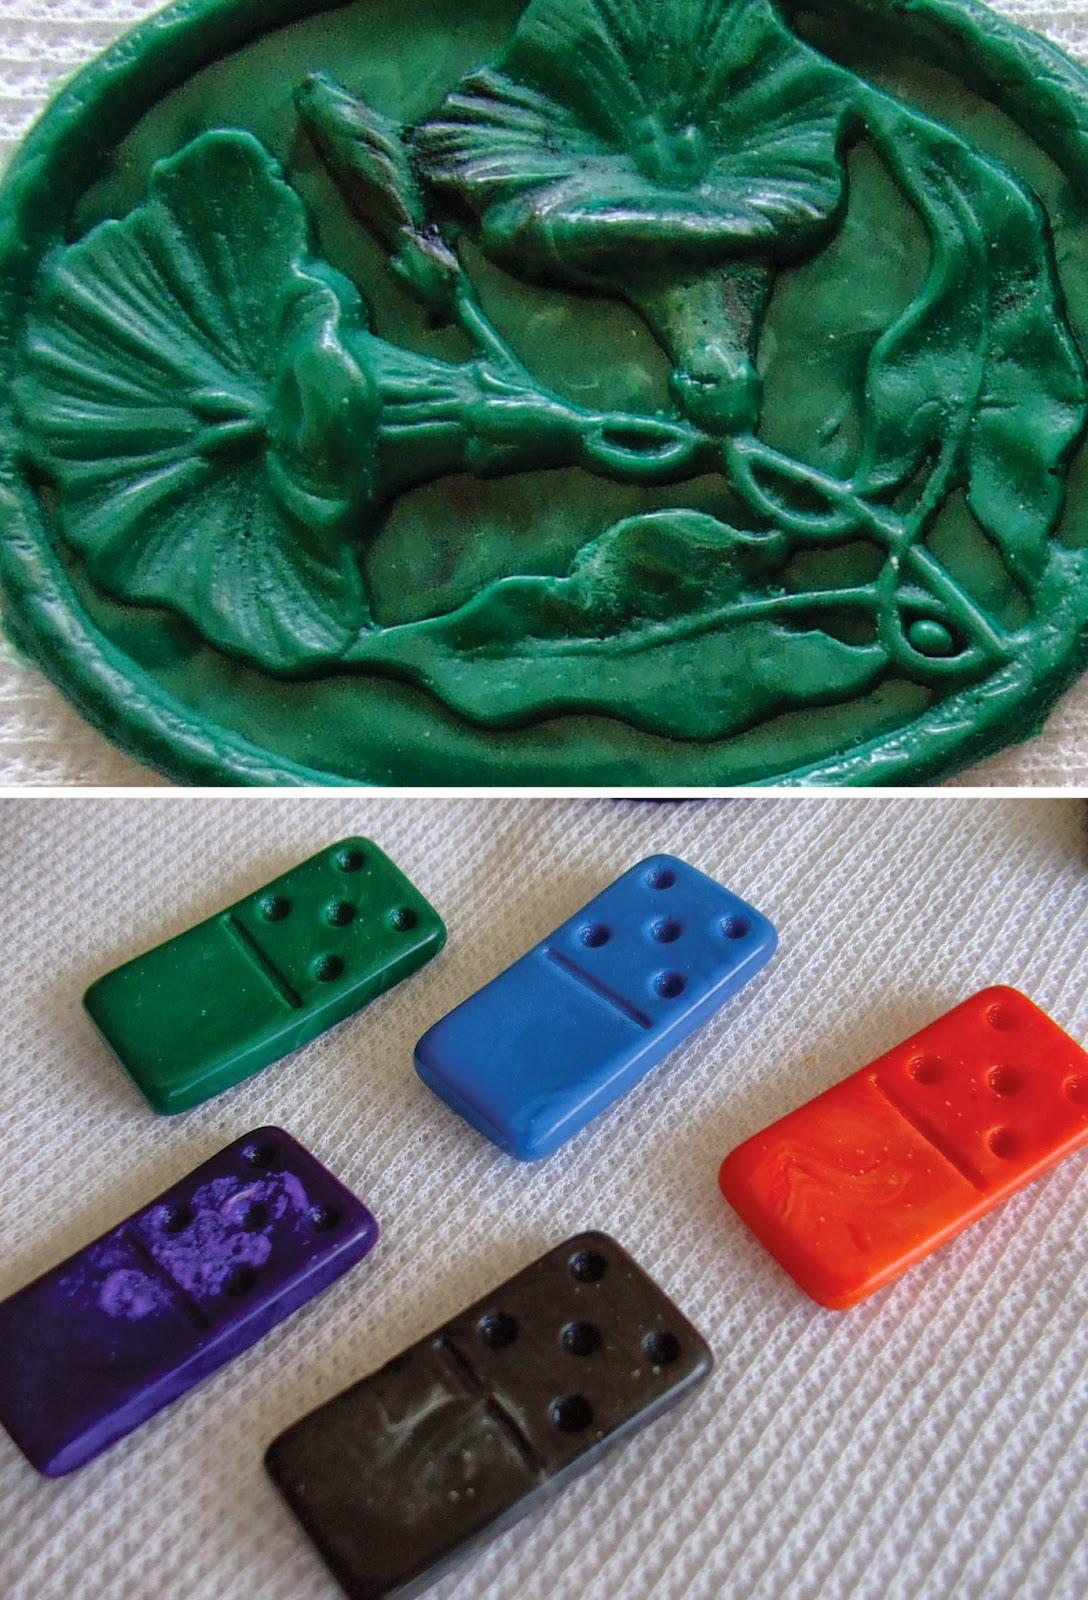 Amazing Casting Products Resin Imitates Rock Amazing